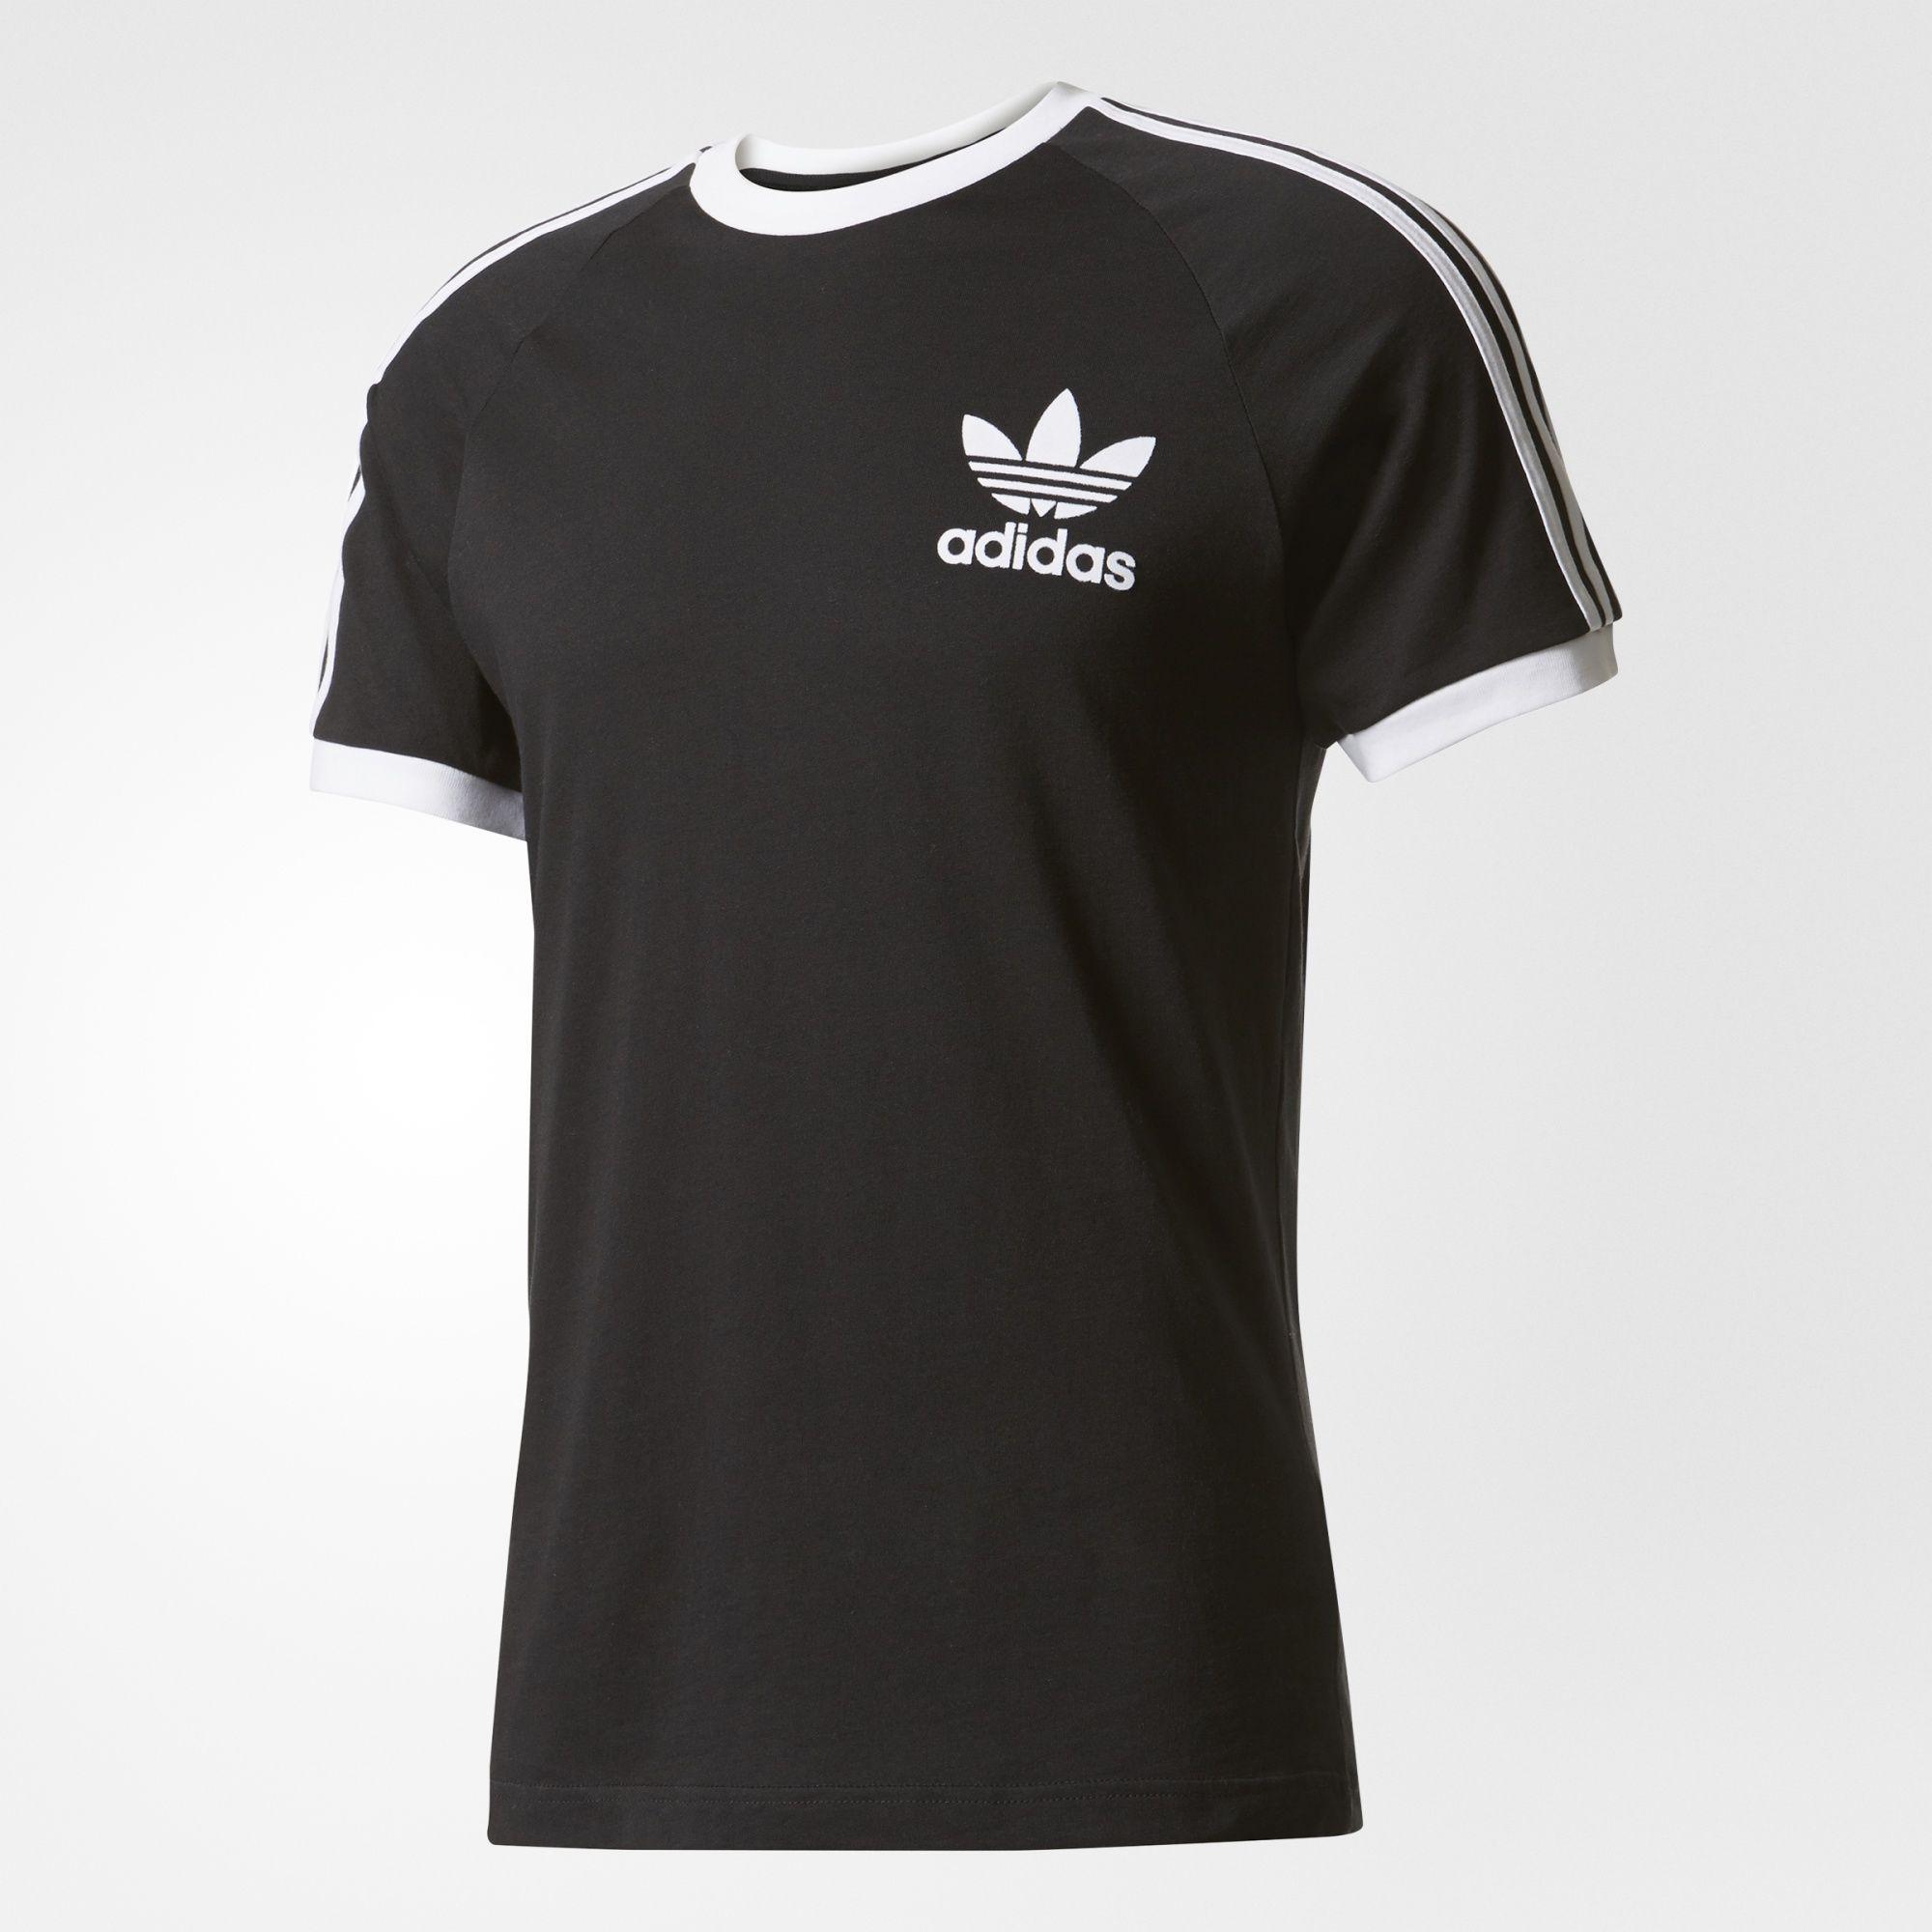 adidas - CLFN TEE Camisas Adidas 83137fec5e7a5